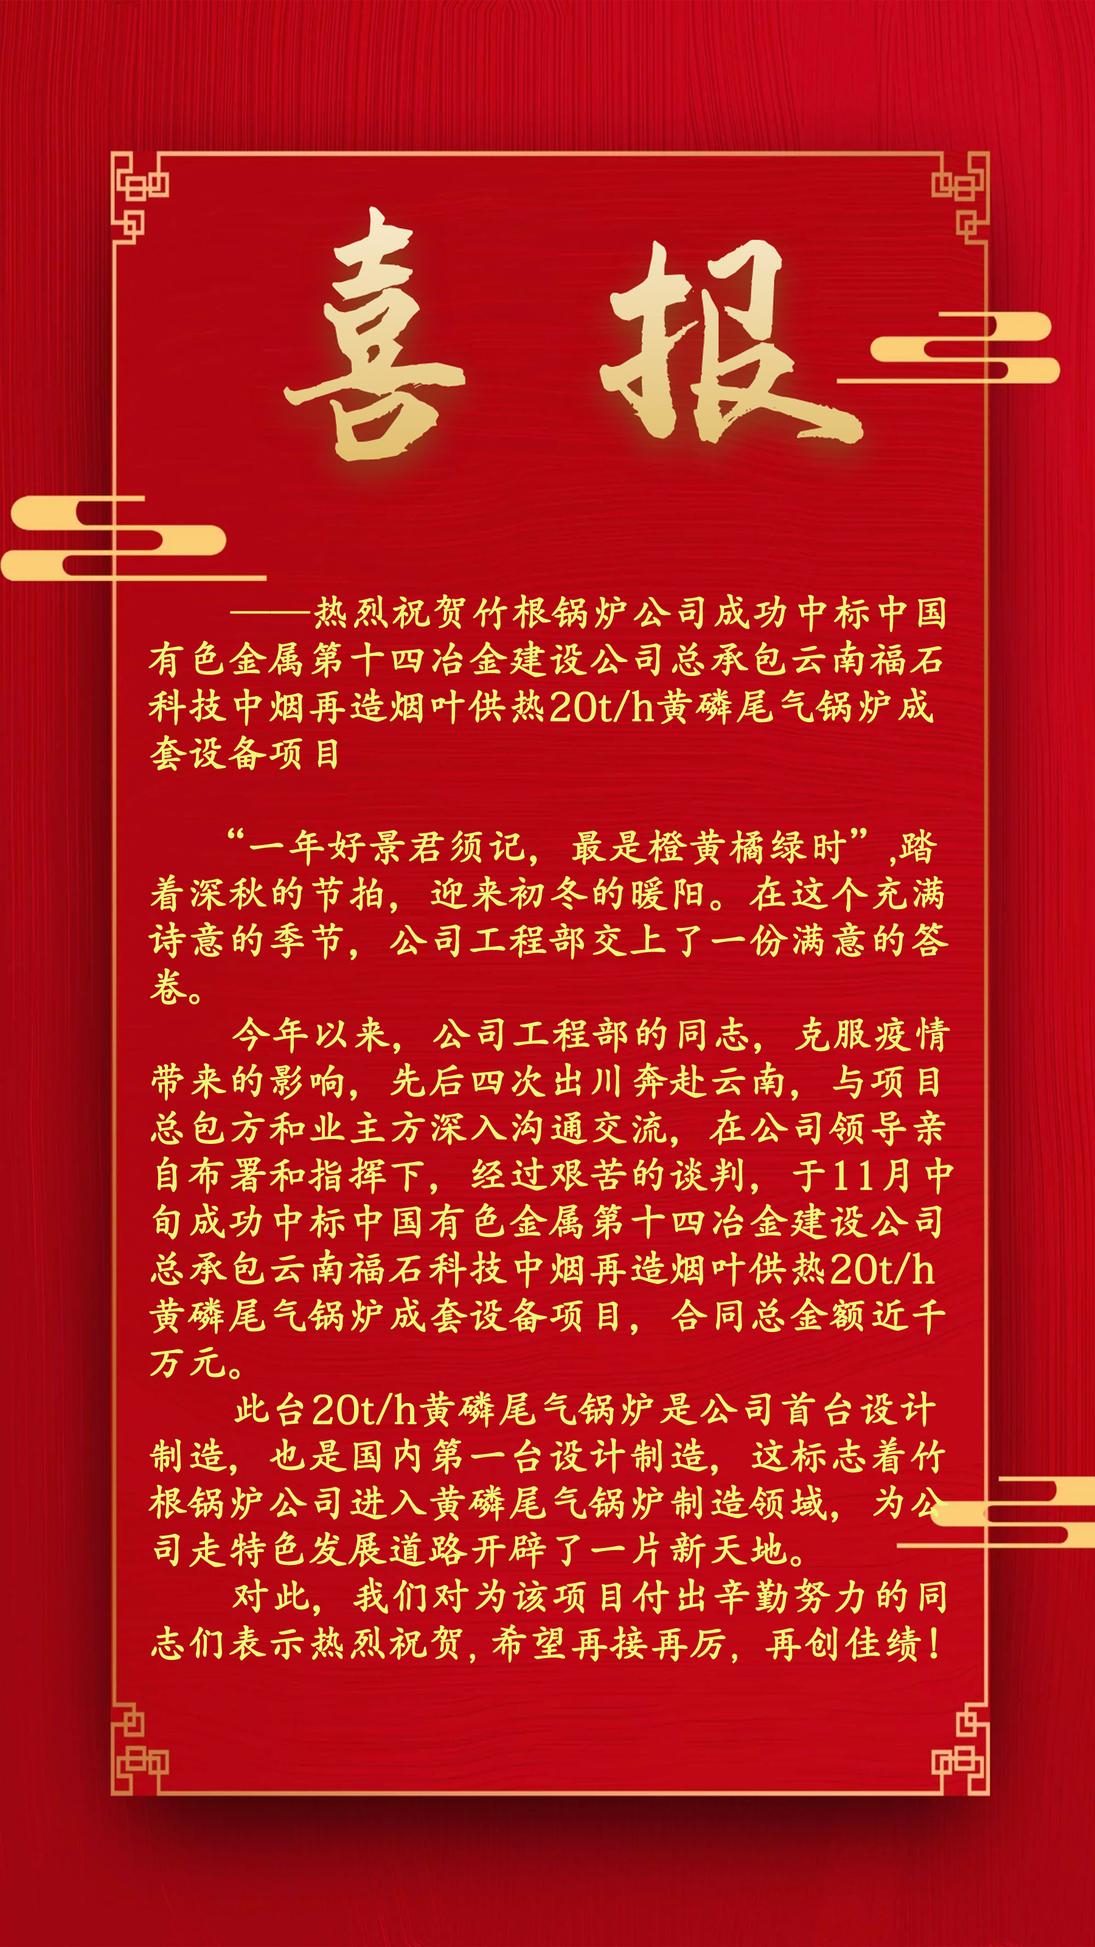 喜报——热烈祝贺公司成功中标云南福石20t/h黄磷尾气必威手机客户端项目